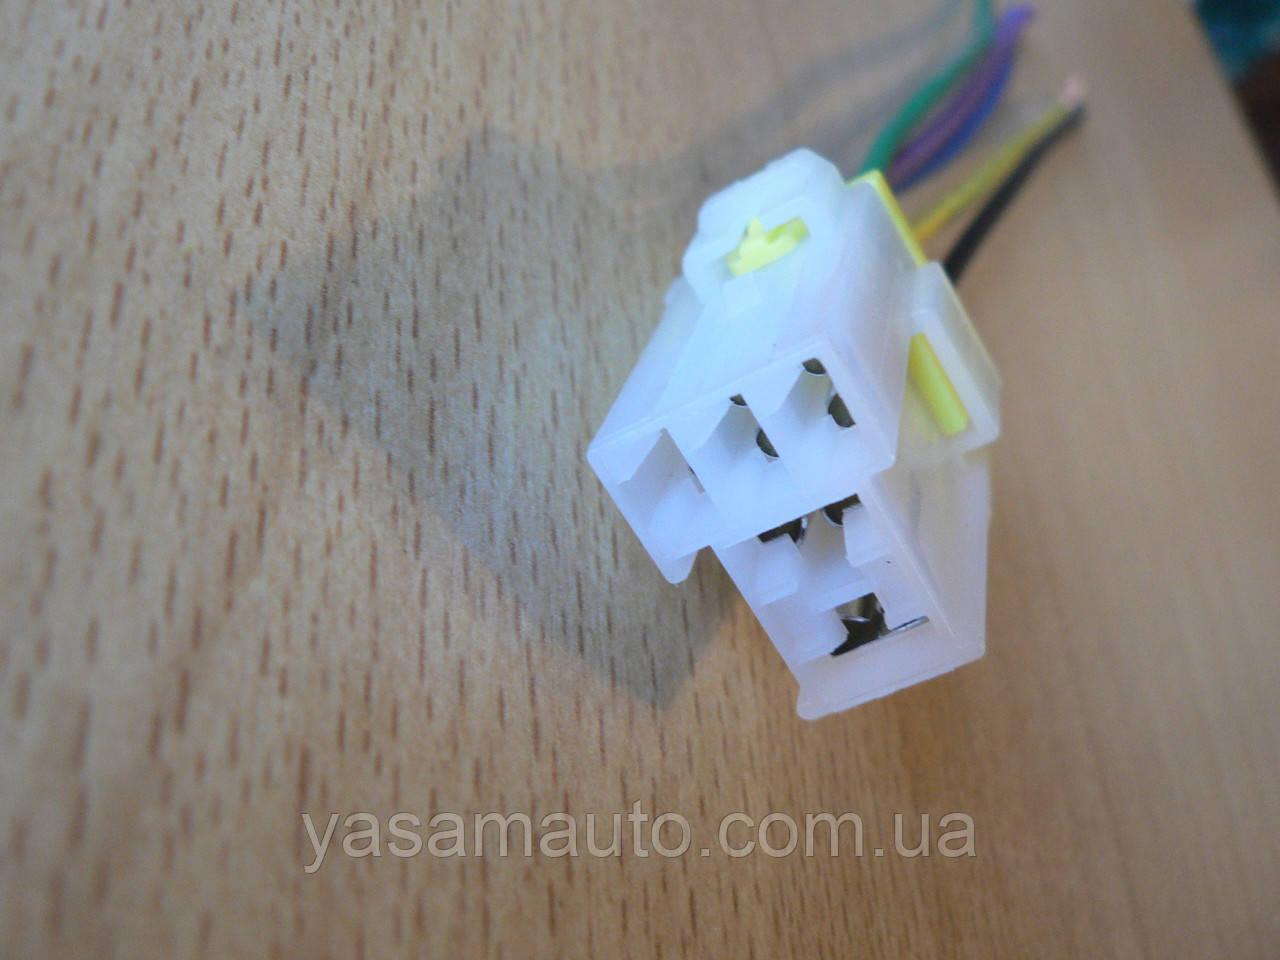 Колодка Lanos разъем проводки Ланос реле пяти контактного на 5 контактов с проводами